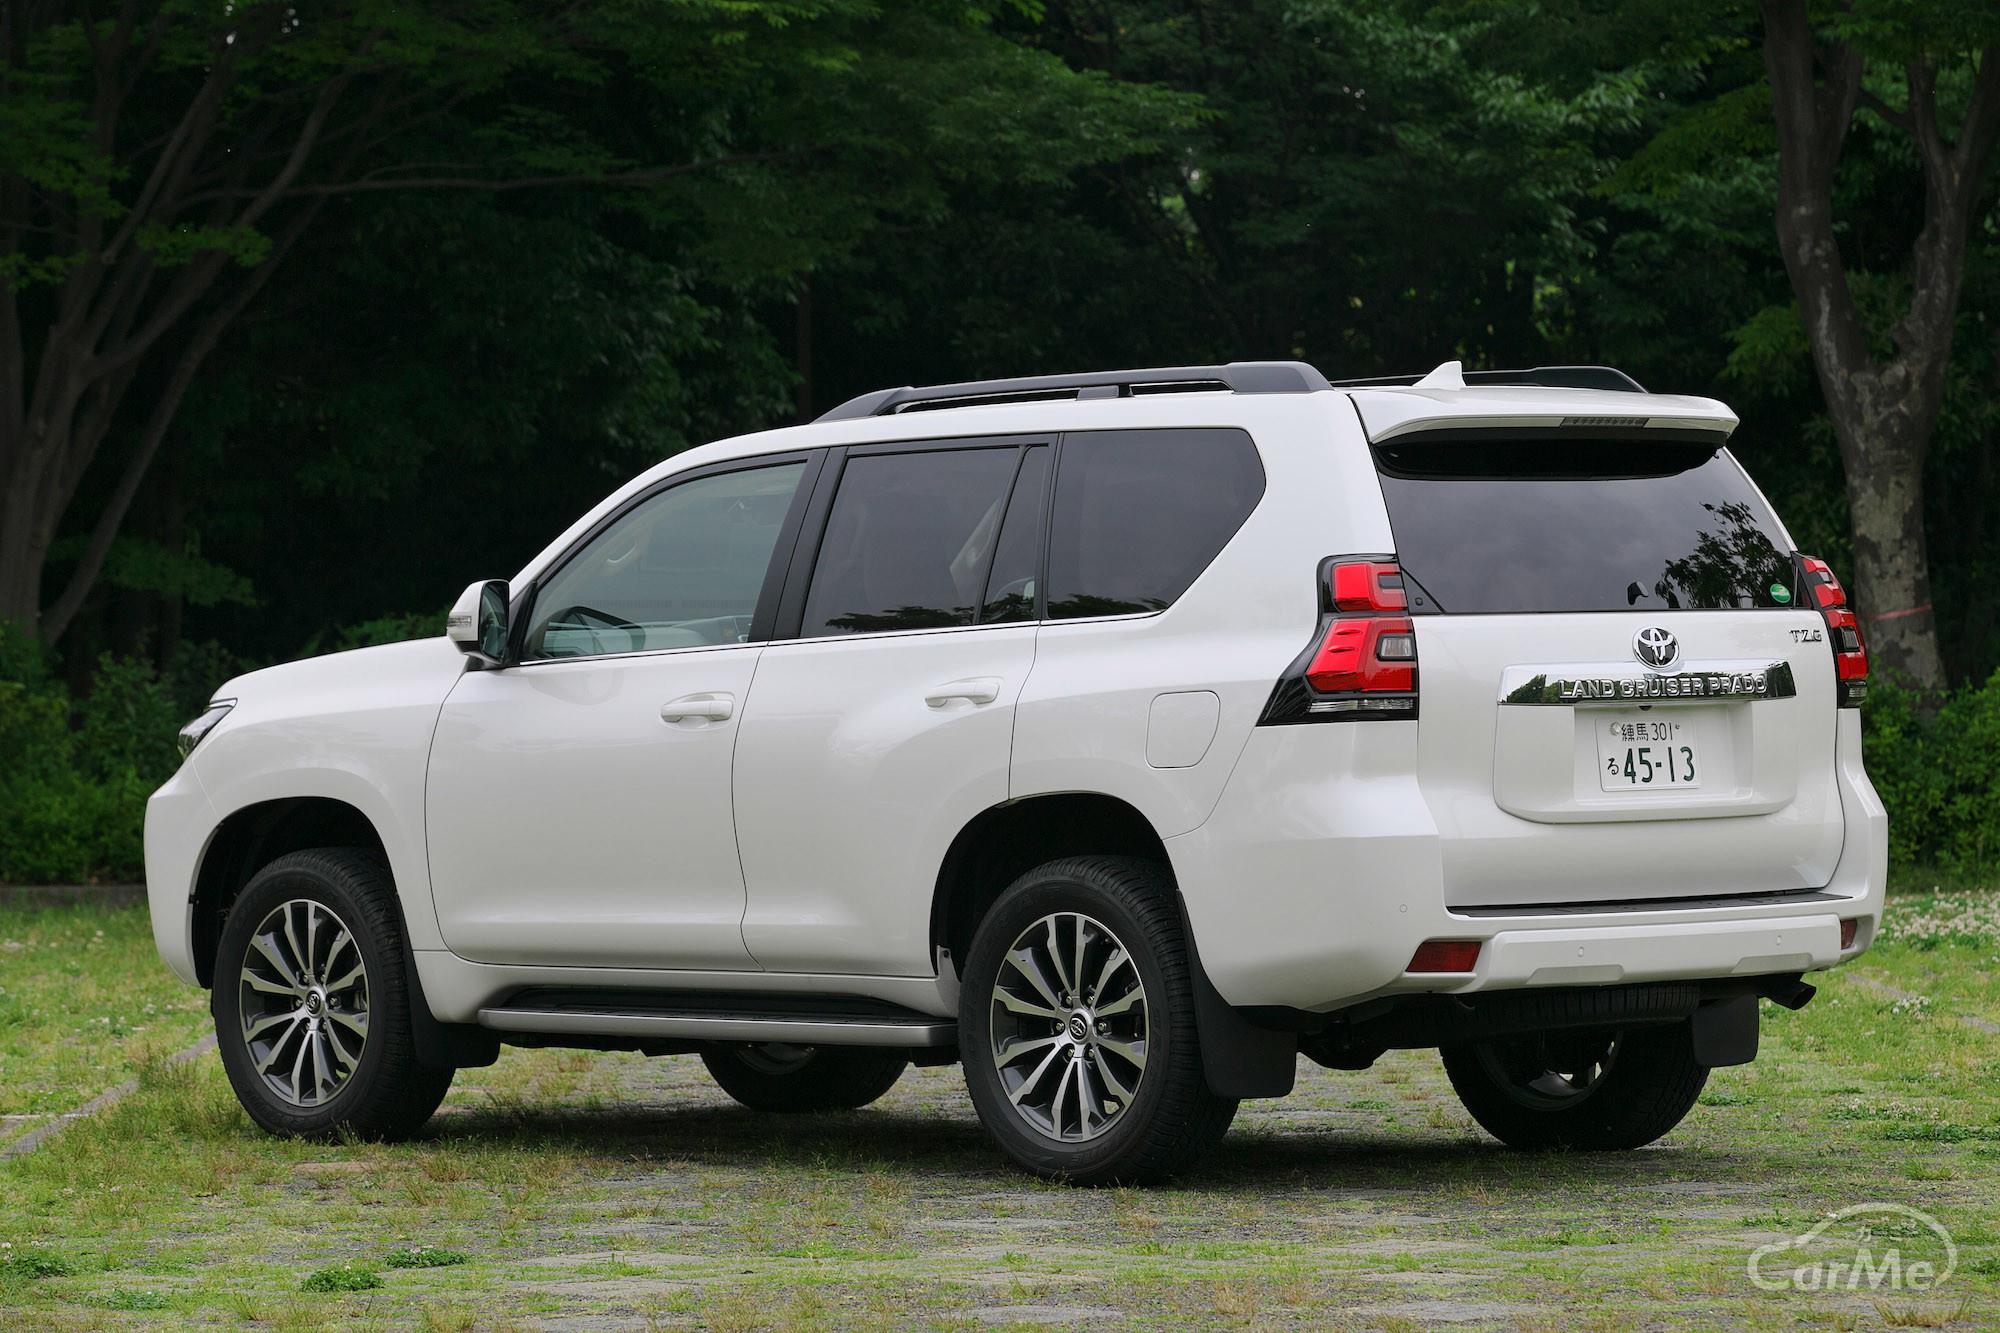 119.9万円から...大人気SUVのトヨタランドクルーザープラドの中古購入をおすすめする理由